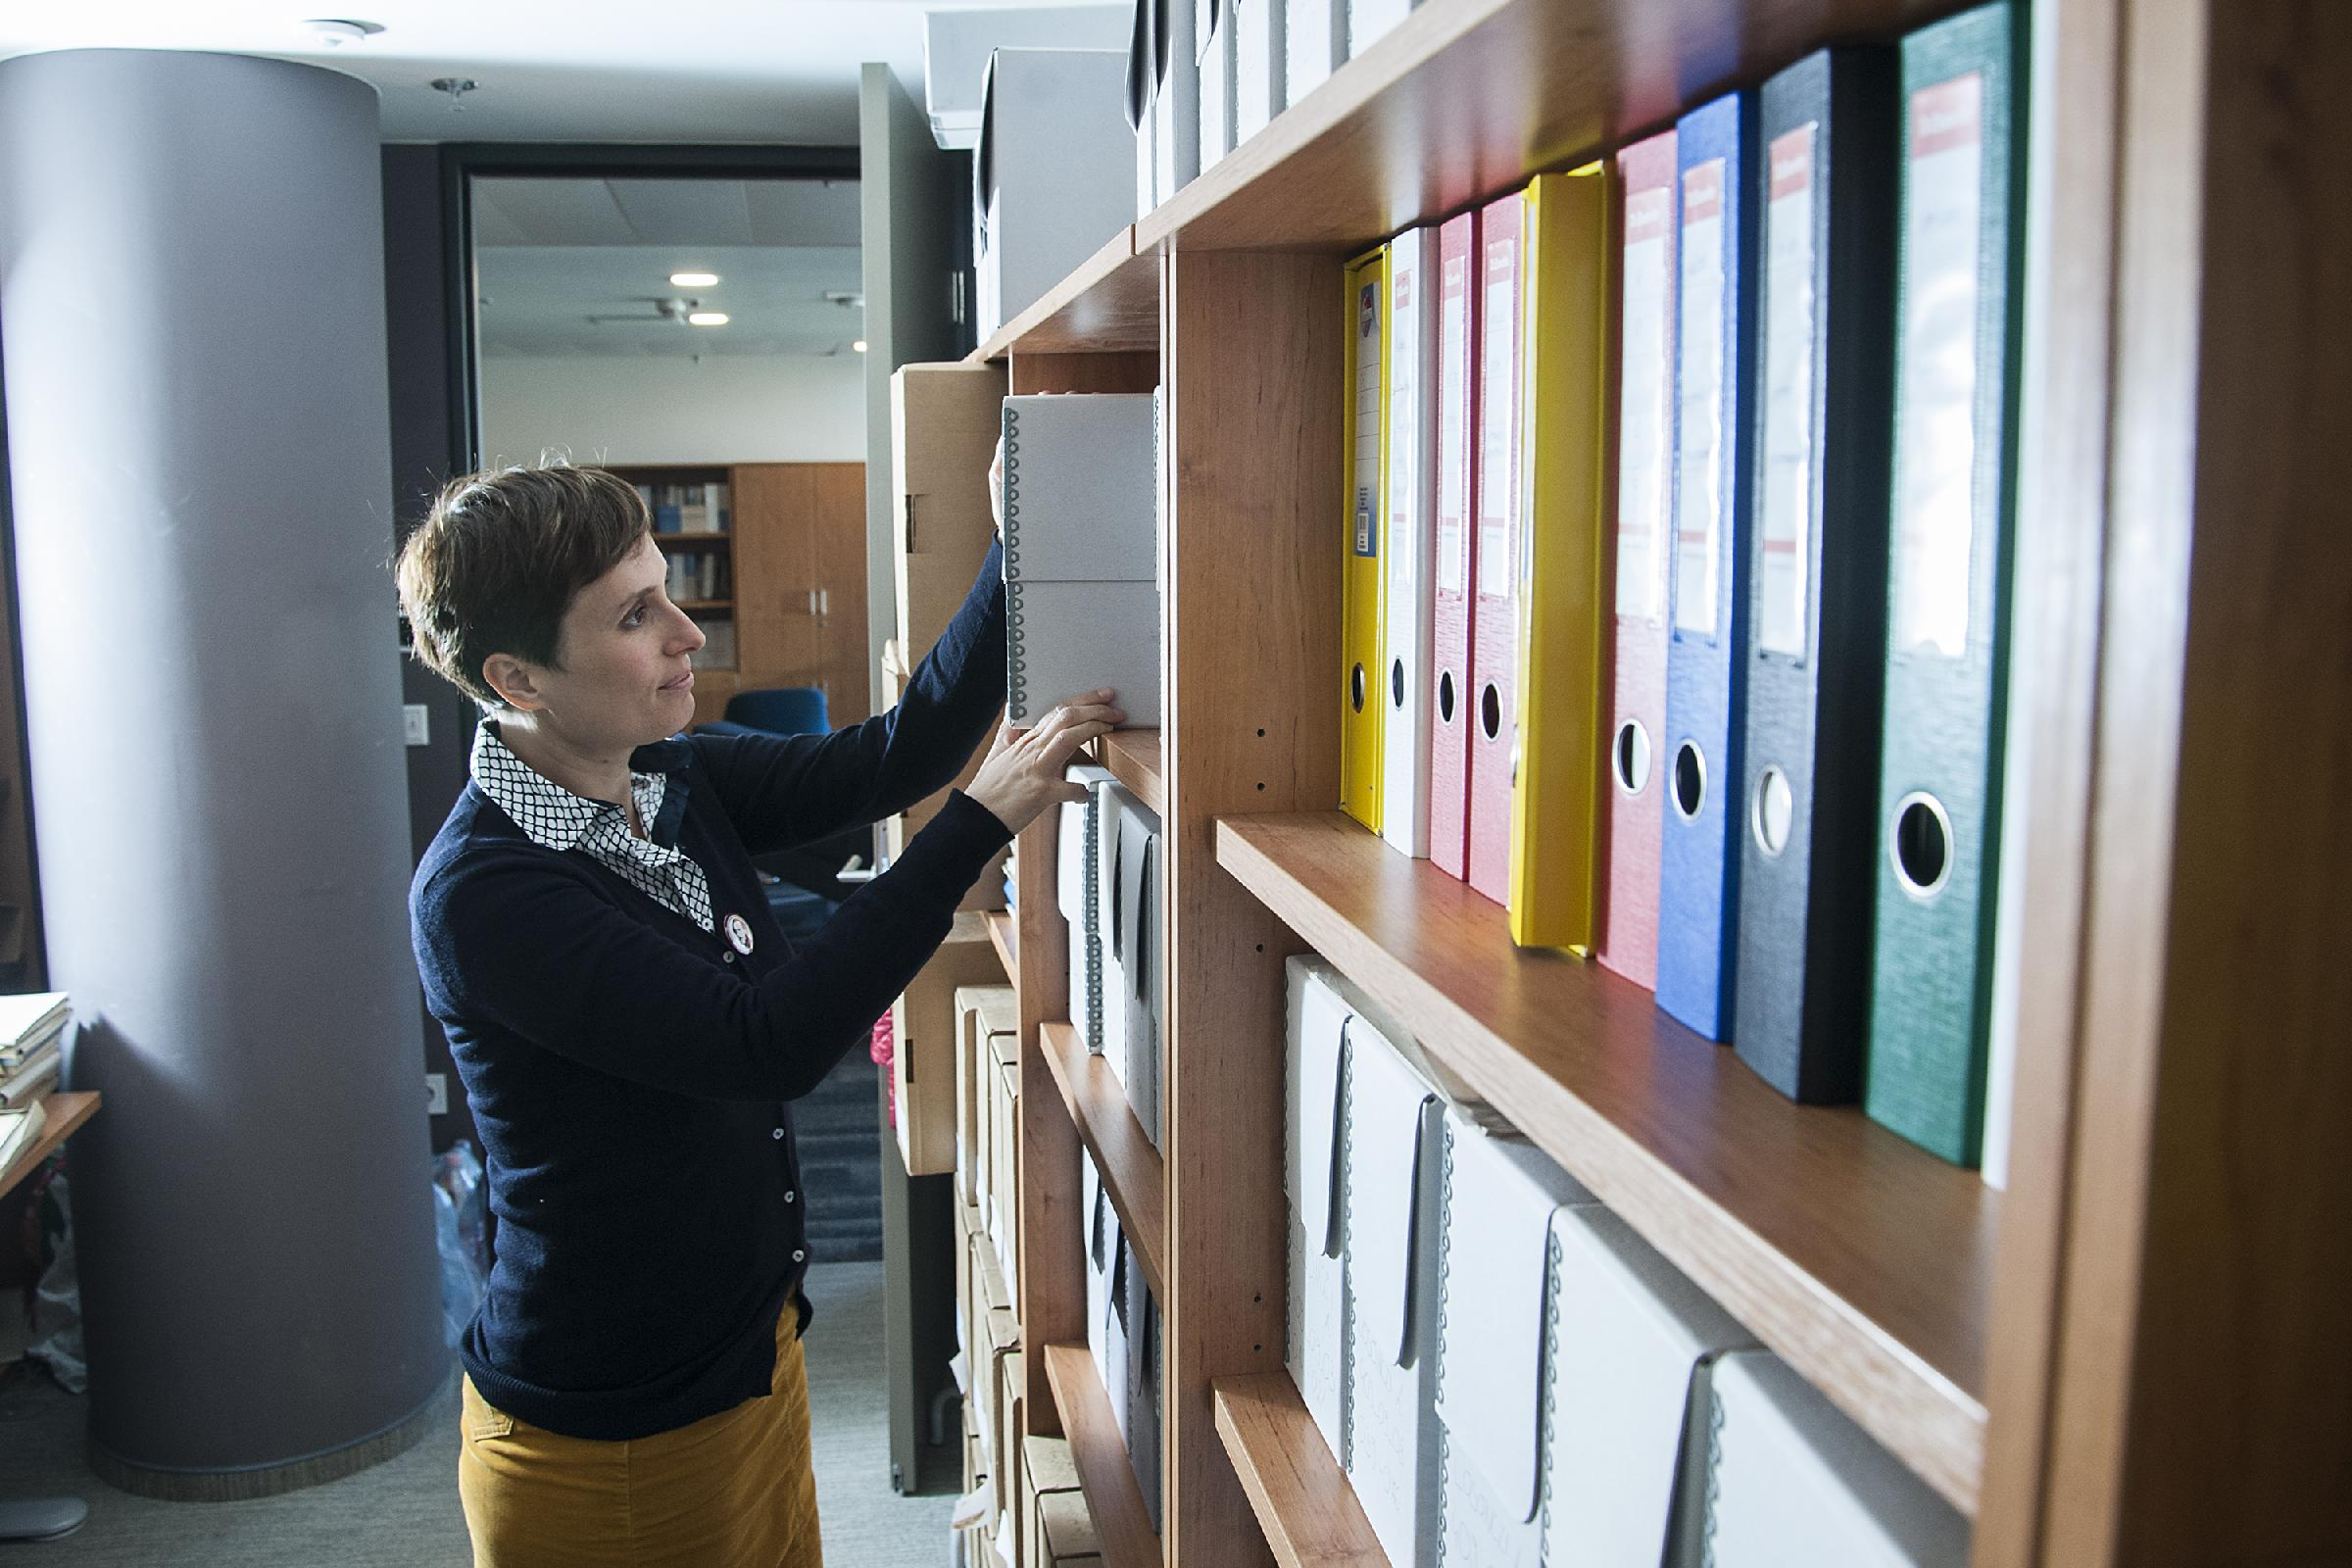 Az MTA TK két jelentős adatbázist gondoz. A Kutatási Dokumentációs Központ (KDK) a kutatóközpontban folytatott kutatásokat dokumentálja, archiválja és teszi elérhetővé másodfelhasználás céljából. Ez hazánk legnagyobb társadalomtudományi adatbázisa. A gyűj